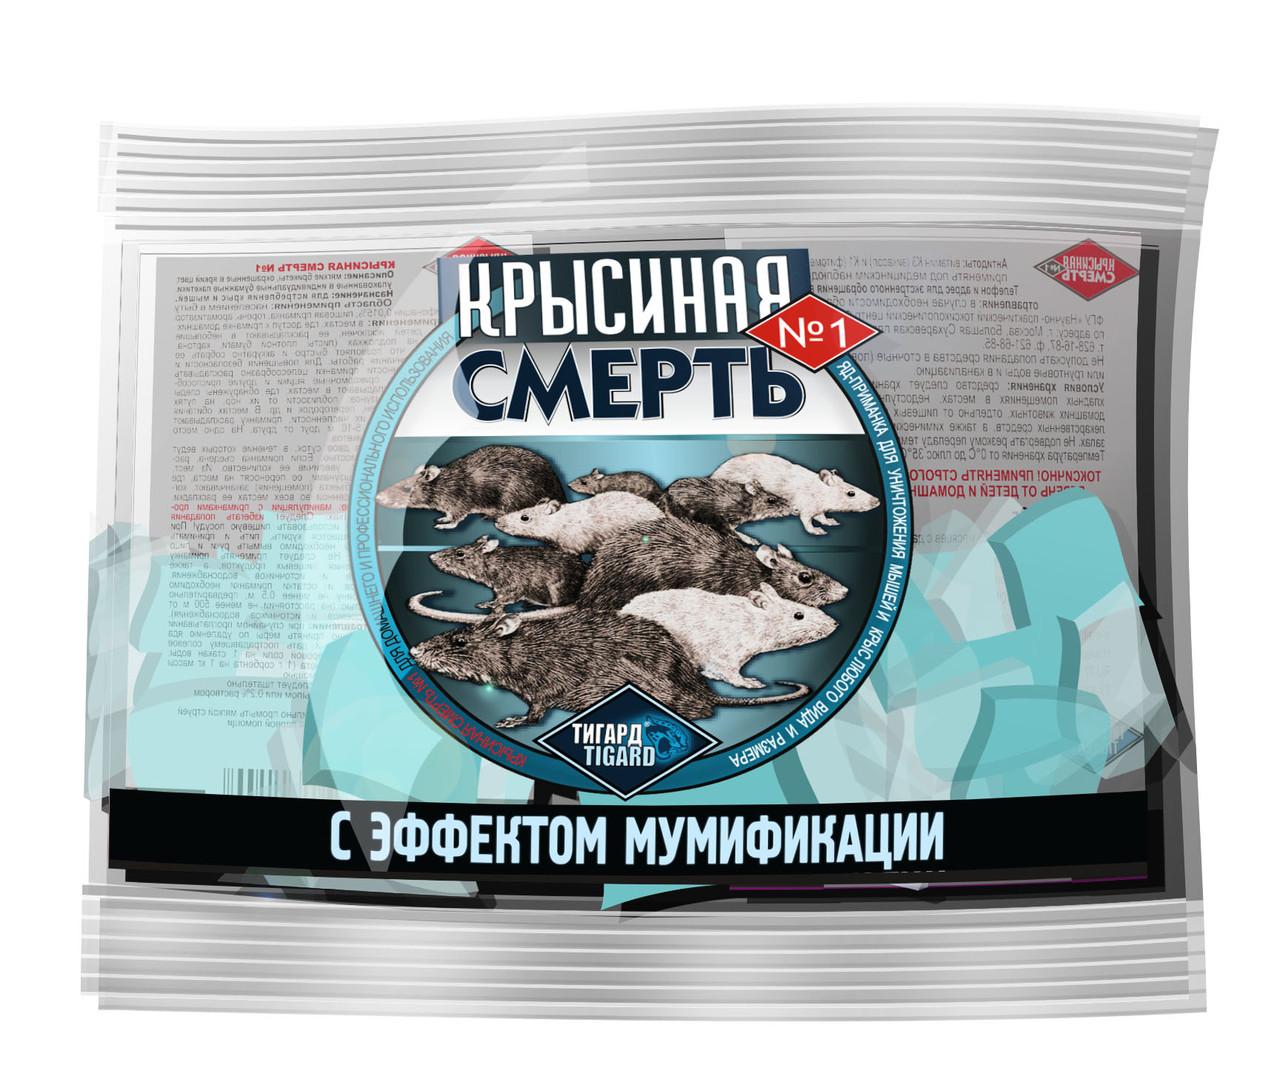 Крысиная смерть №1 с эффектом мумификации 200 гр.